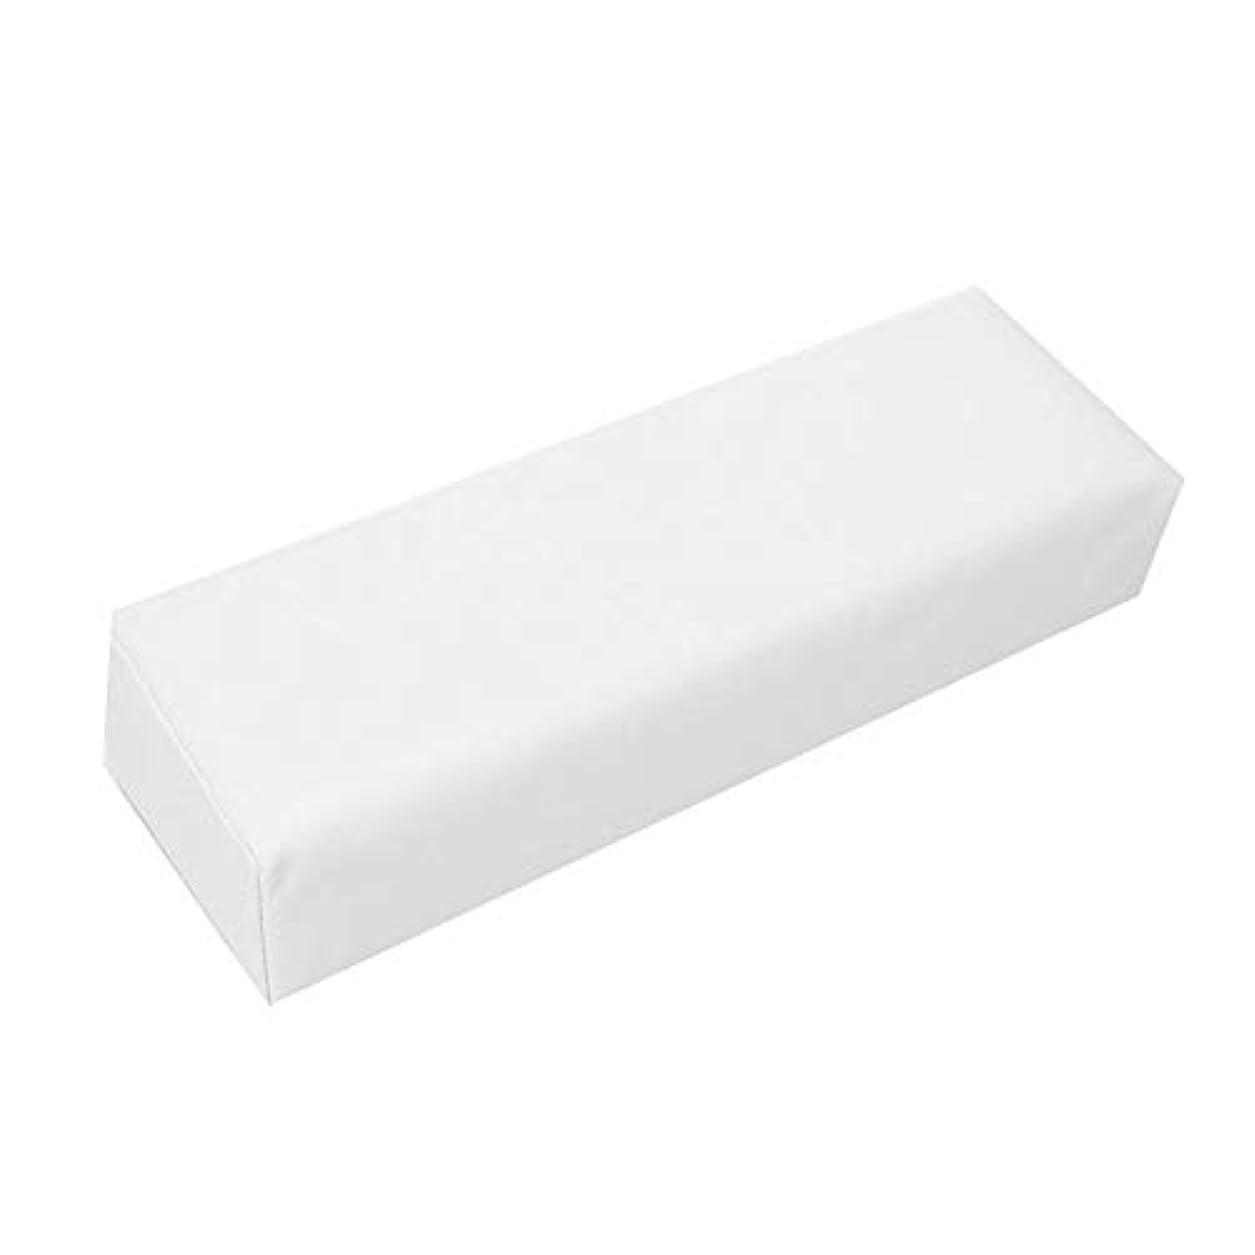 包囲ペパーミント酸っぱいdootiネイル用アームレスト 人工レザー 清潔容易 手をサポート 練習用にも 高弾性な充填物 美容院 美容室 ネイルサロン 理容室に適用(ホワイト)